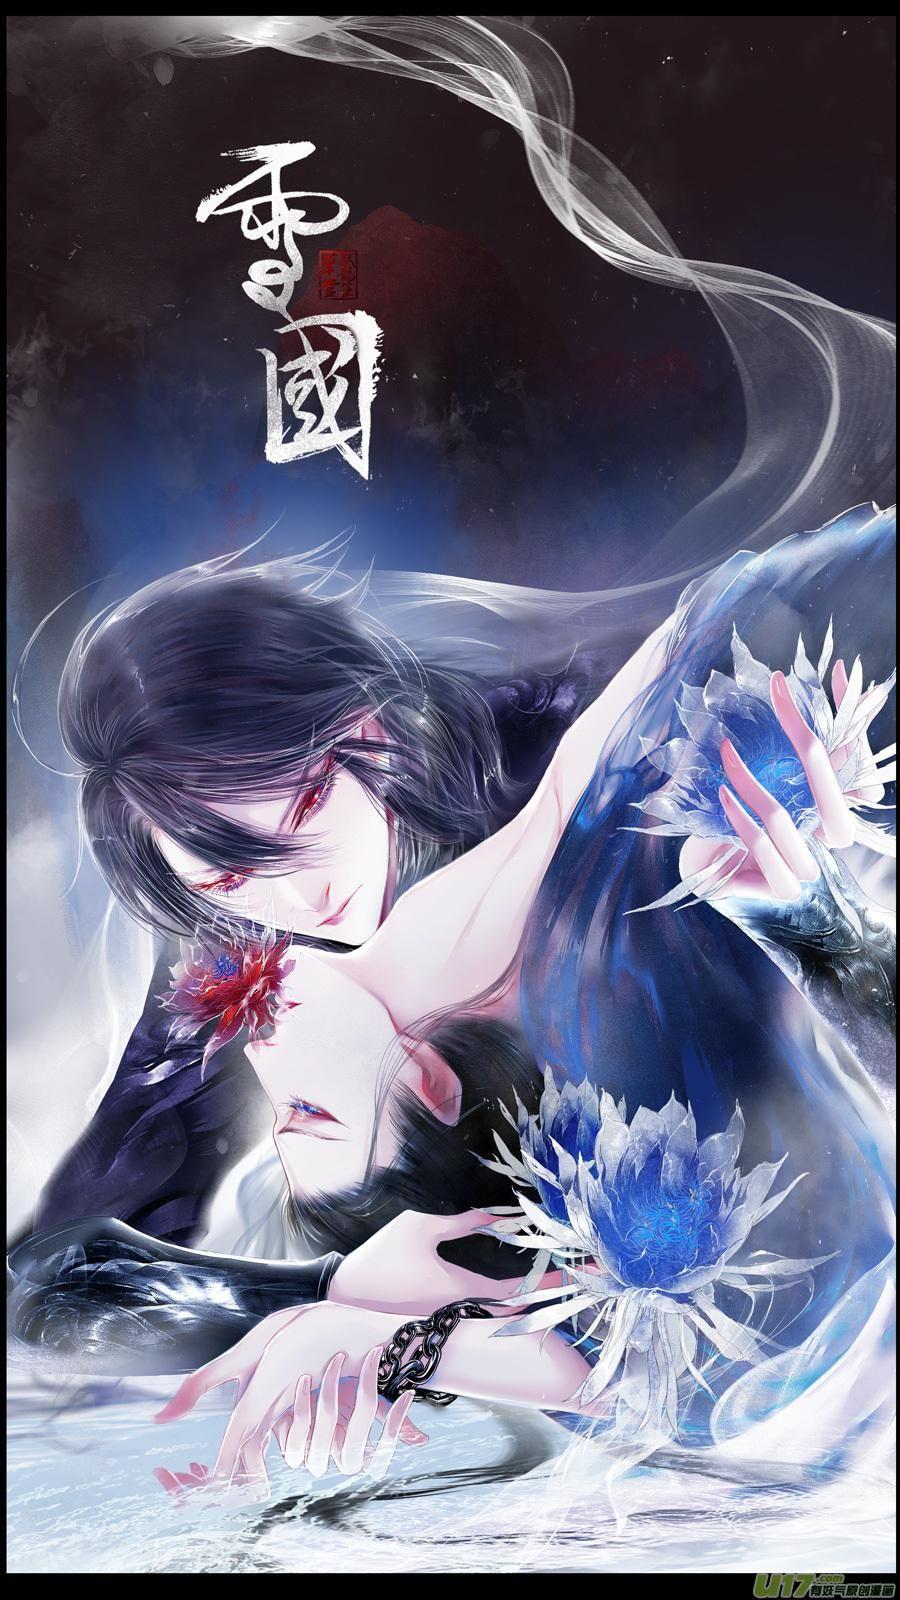 雪国 提携玉龙为君死 四 OH漫画 in 2020 Anime, Art